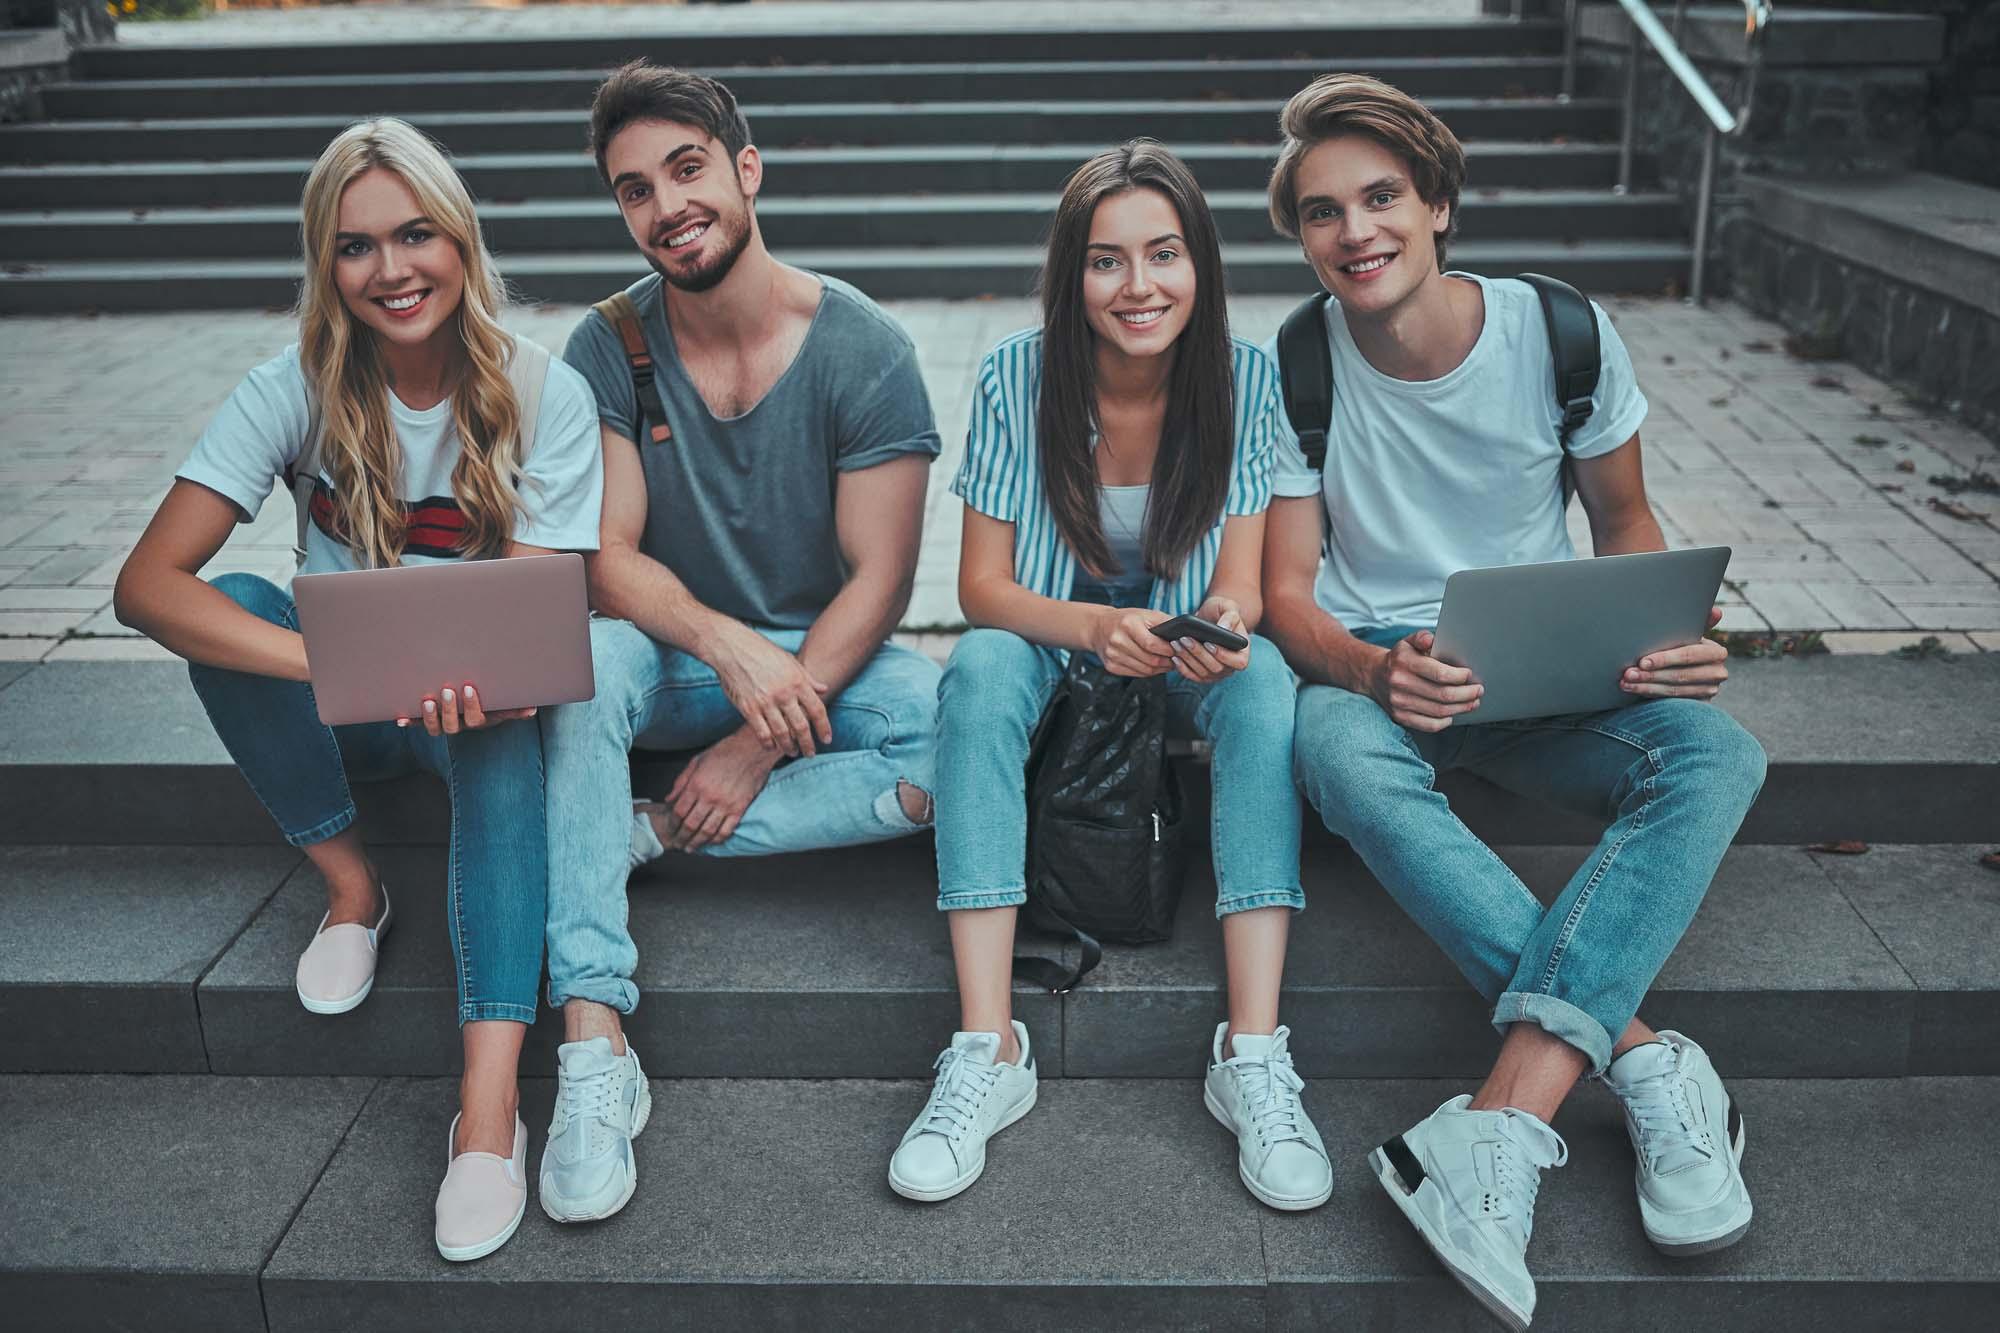 Nuevas-generaciones-haciendo-pagos-en-internet